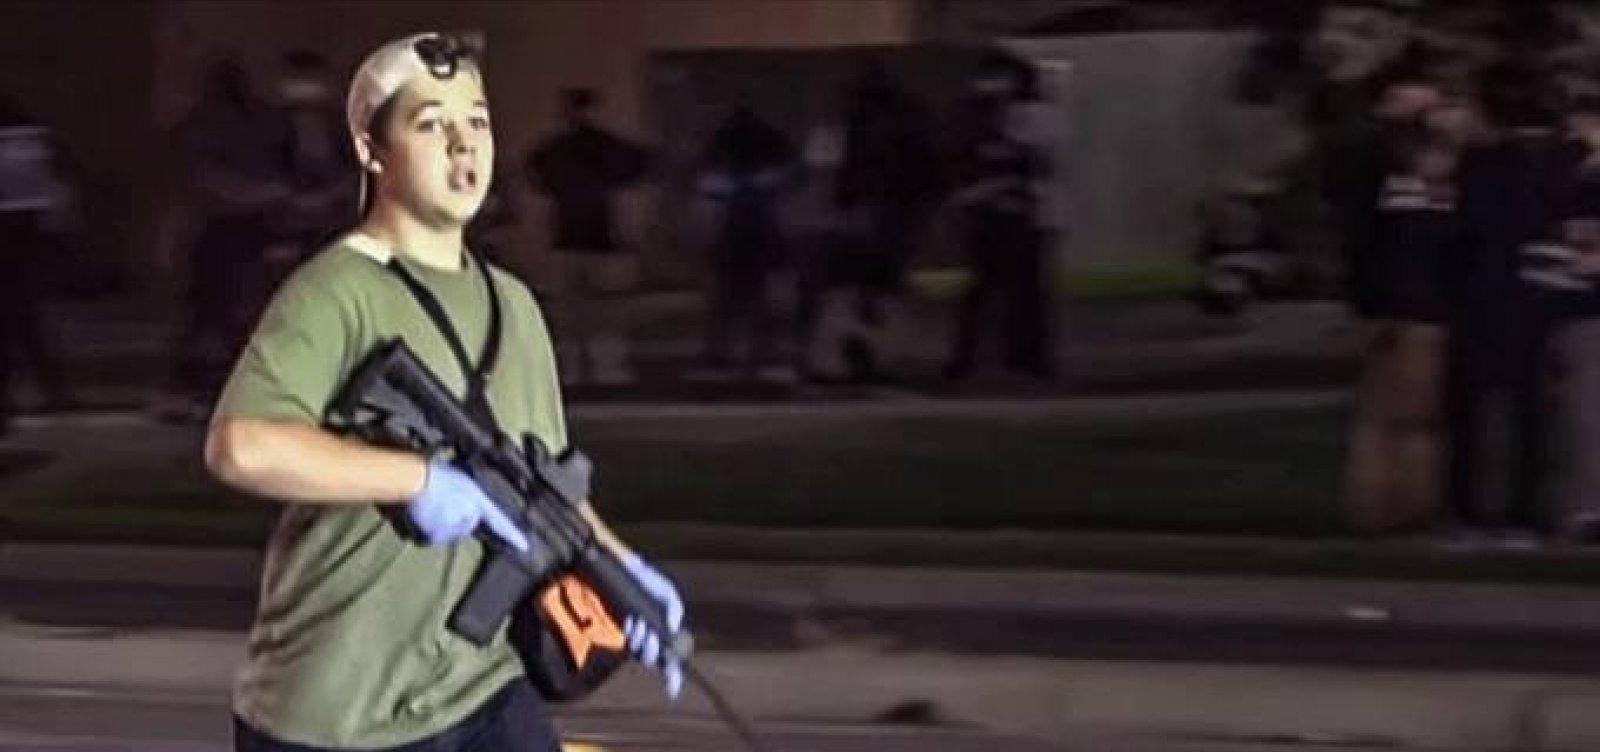 [Supremacista de 17 anos é preso acusado de matar manifestantes antirracistas nos EUA]